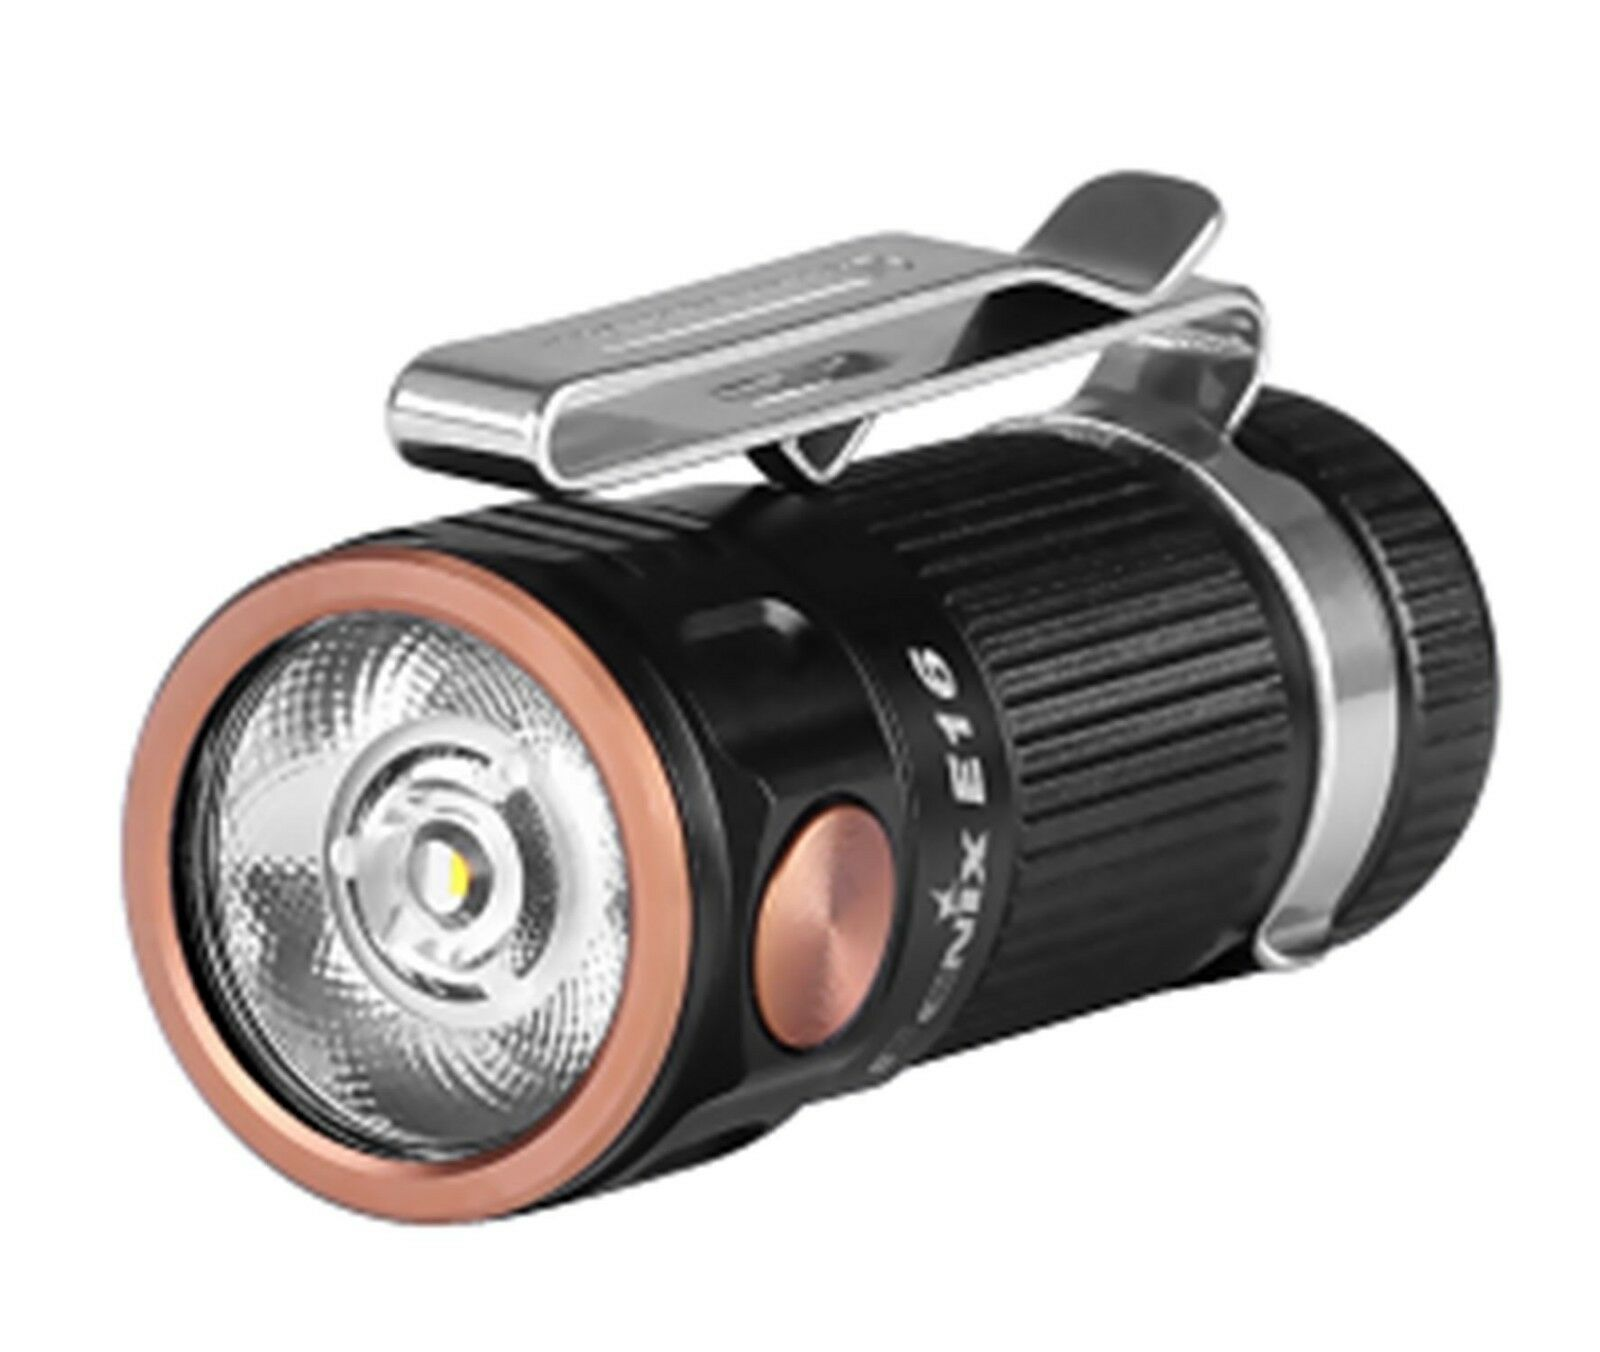 Fenix E16 LED Taschenlampe Cree XP-L HI LED 700 Lumen bis 142m Reichweite -Akku